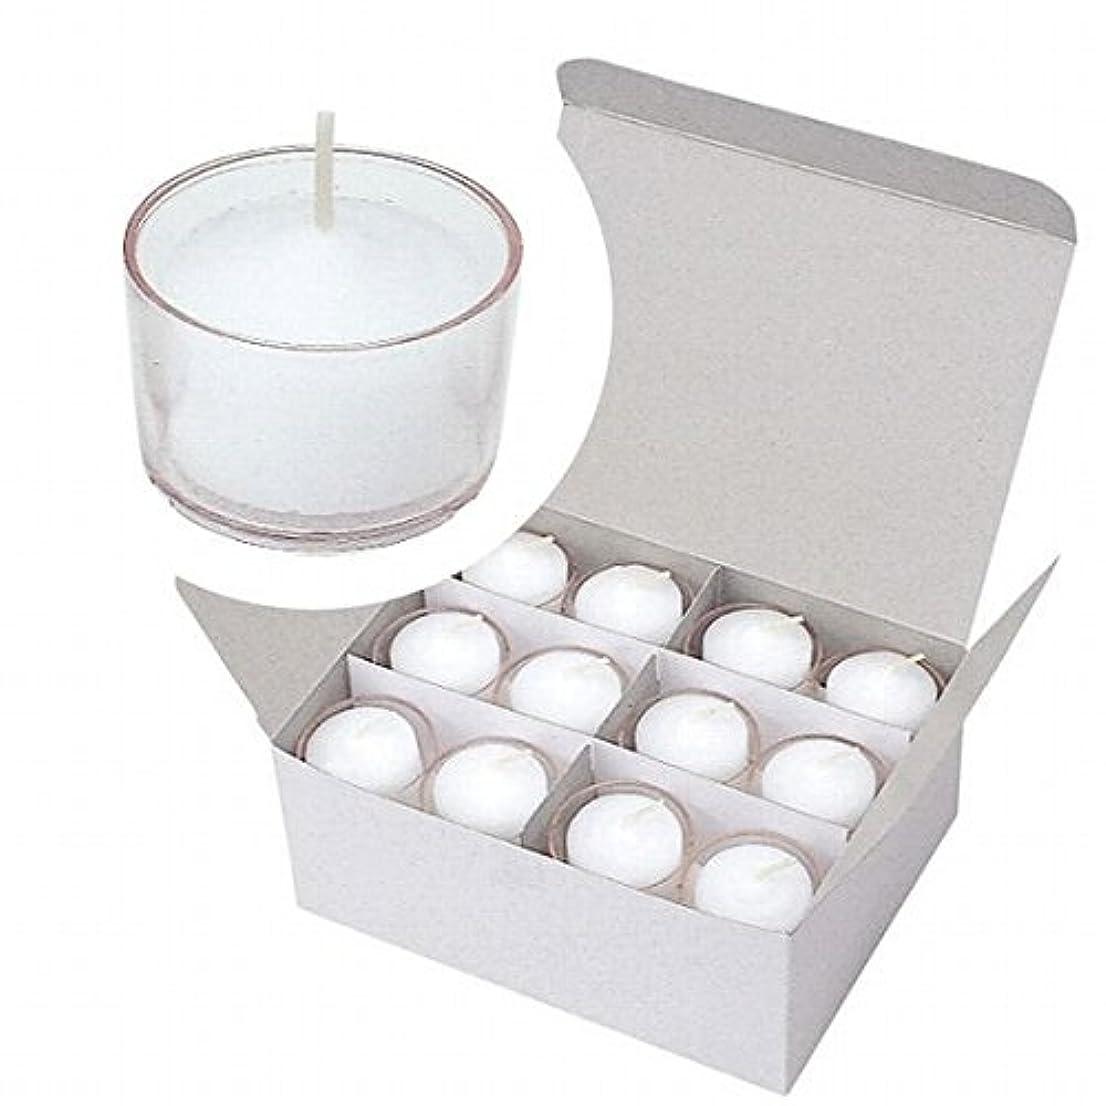 トロイの木馬言い直す一致カメヤマキャンドル(kameyama candle) クリアカップボーティブ4時間タイプ 24個入り 「 クリア 」